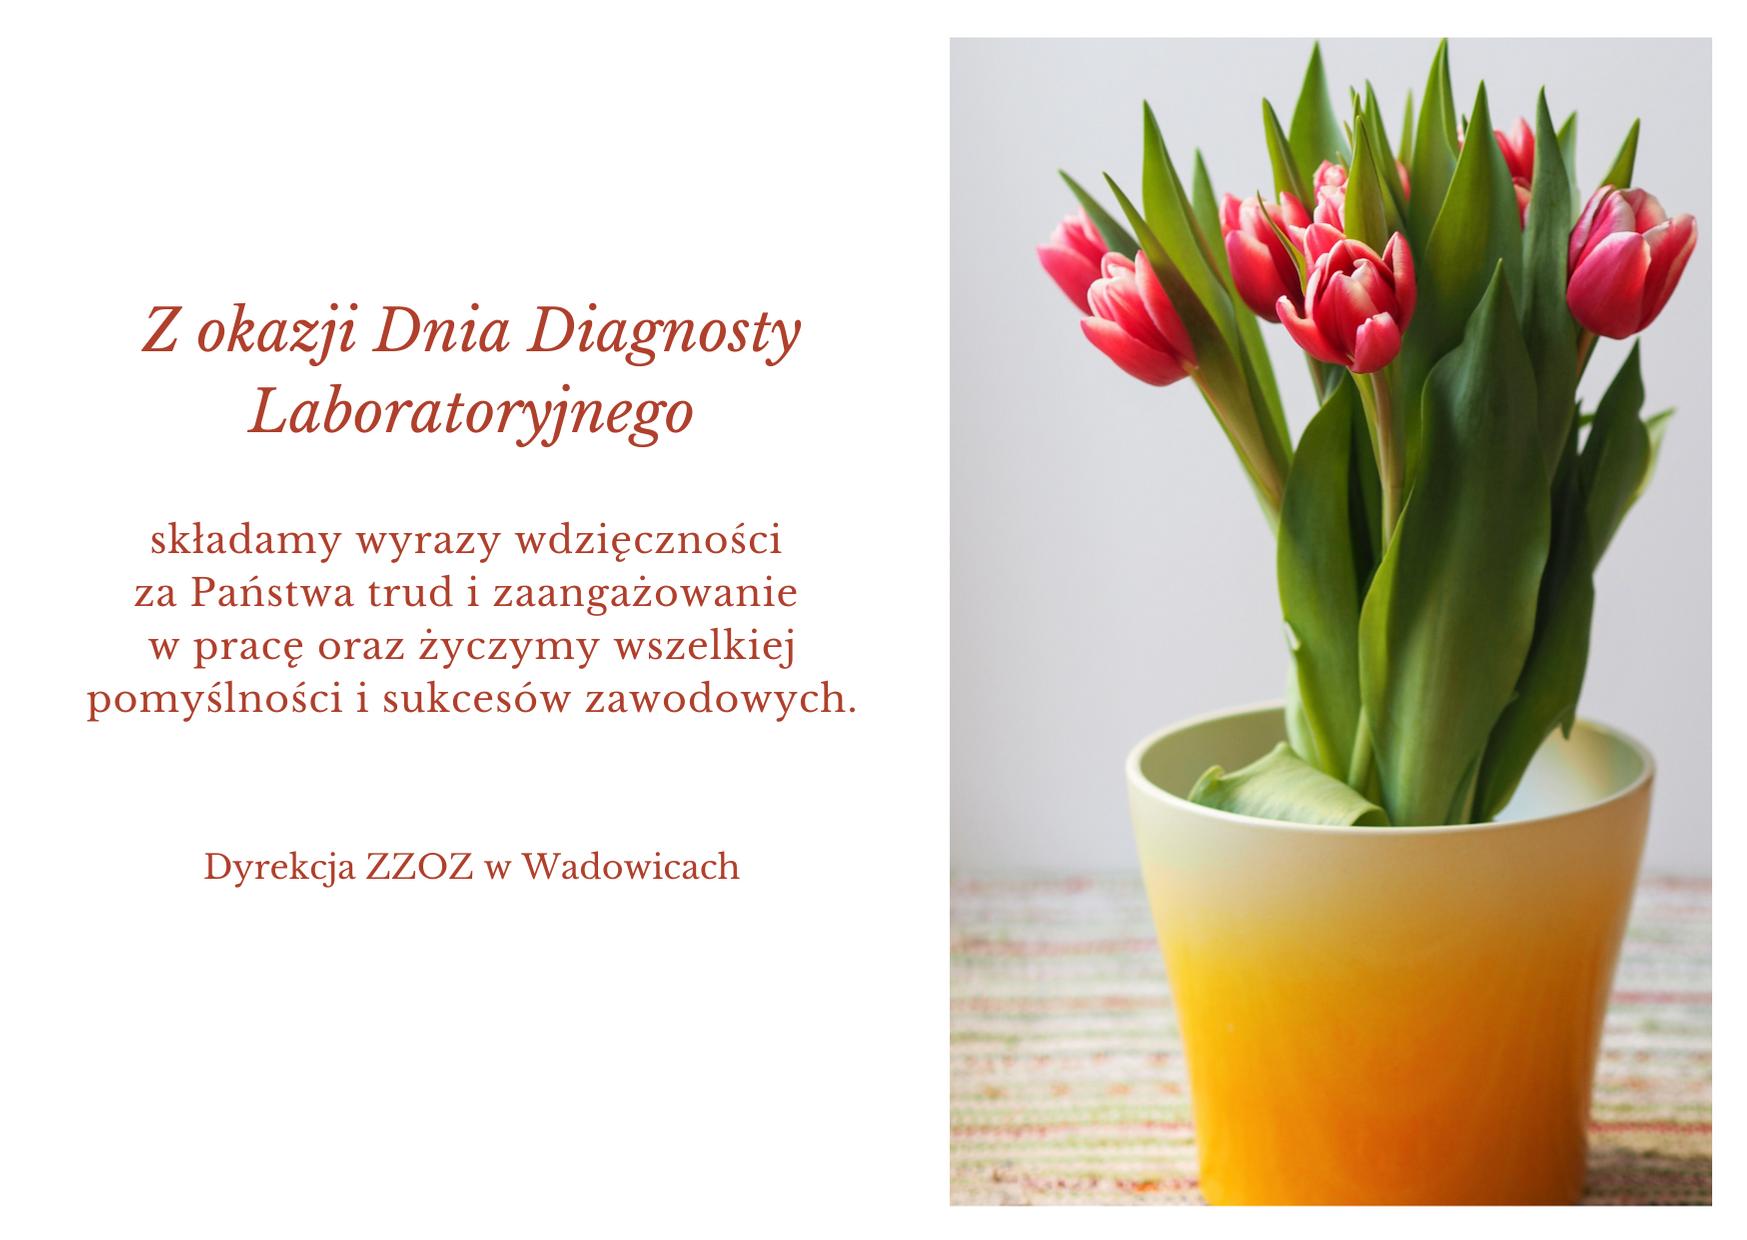 dzien-diagnosty-laboratoryjnego-3